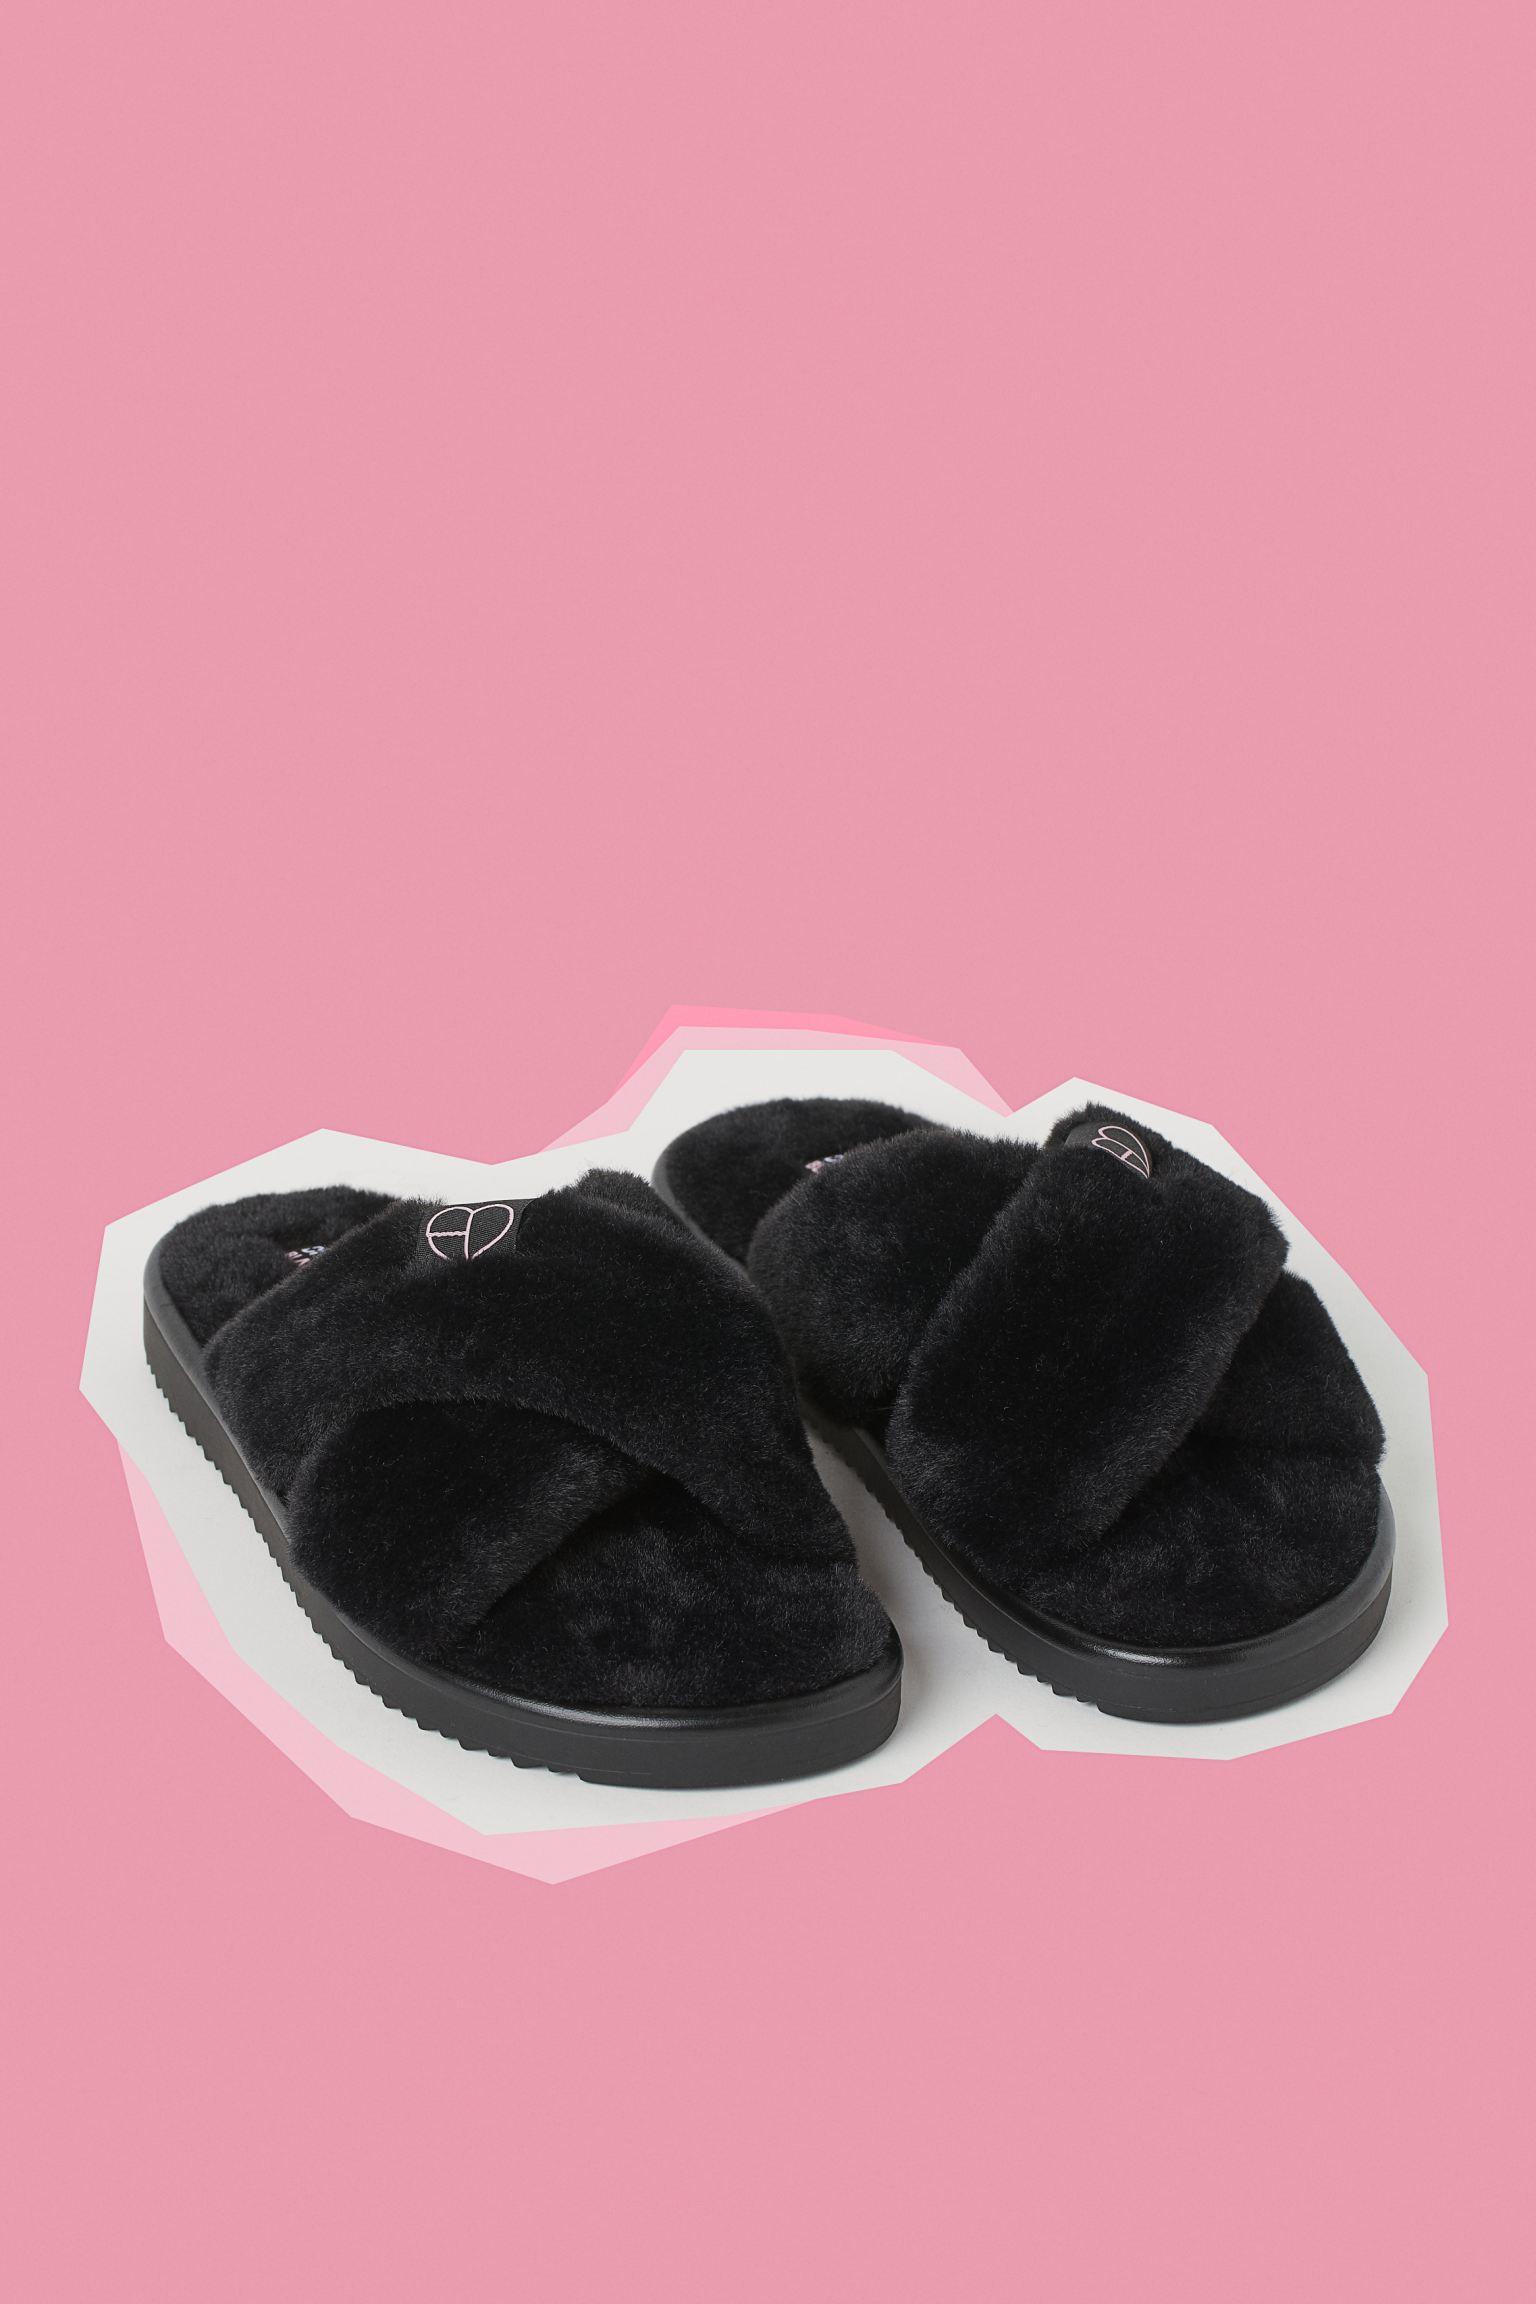 Zapatillas de casa con tiras cruzadas en pelo sintético suave y aplicación de tela arriba. Suela acanalada.